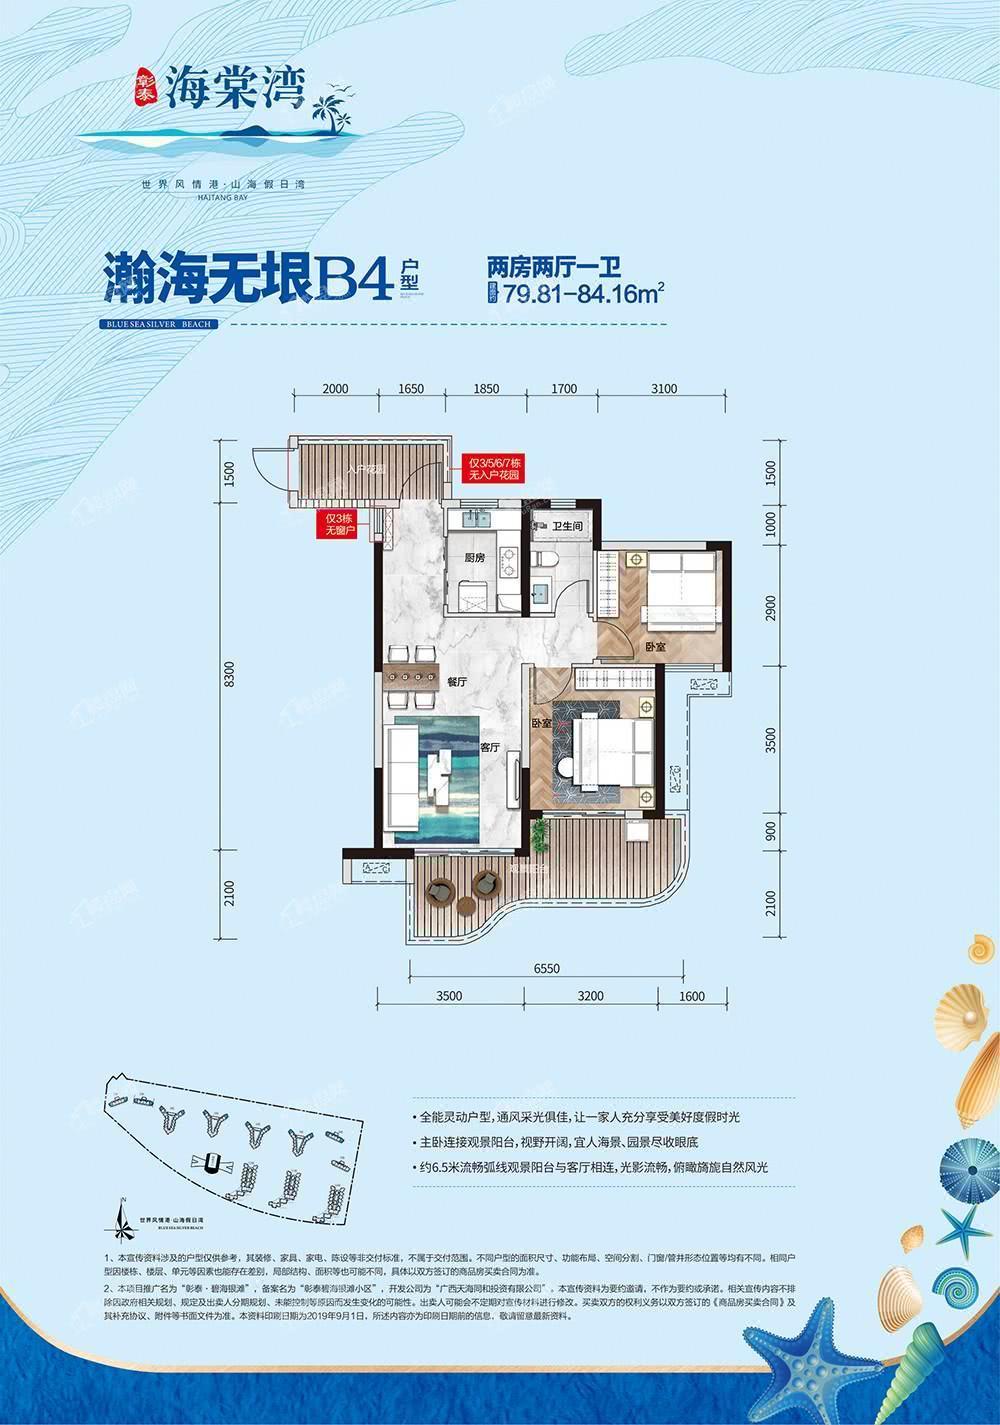 海棠湾B4户型 79.81㎡-84.16㎡两房两厅